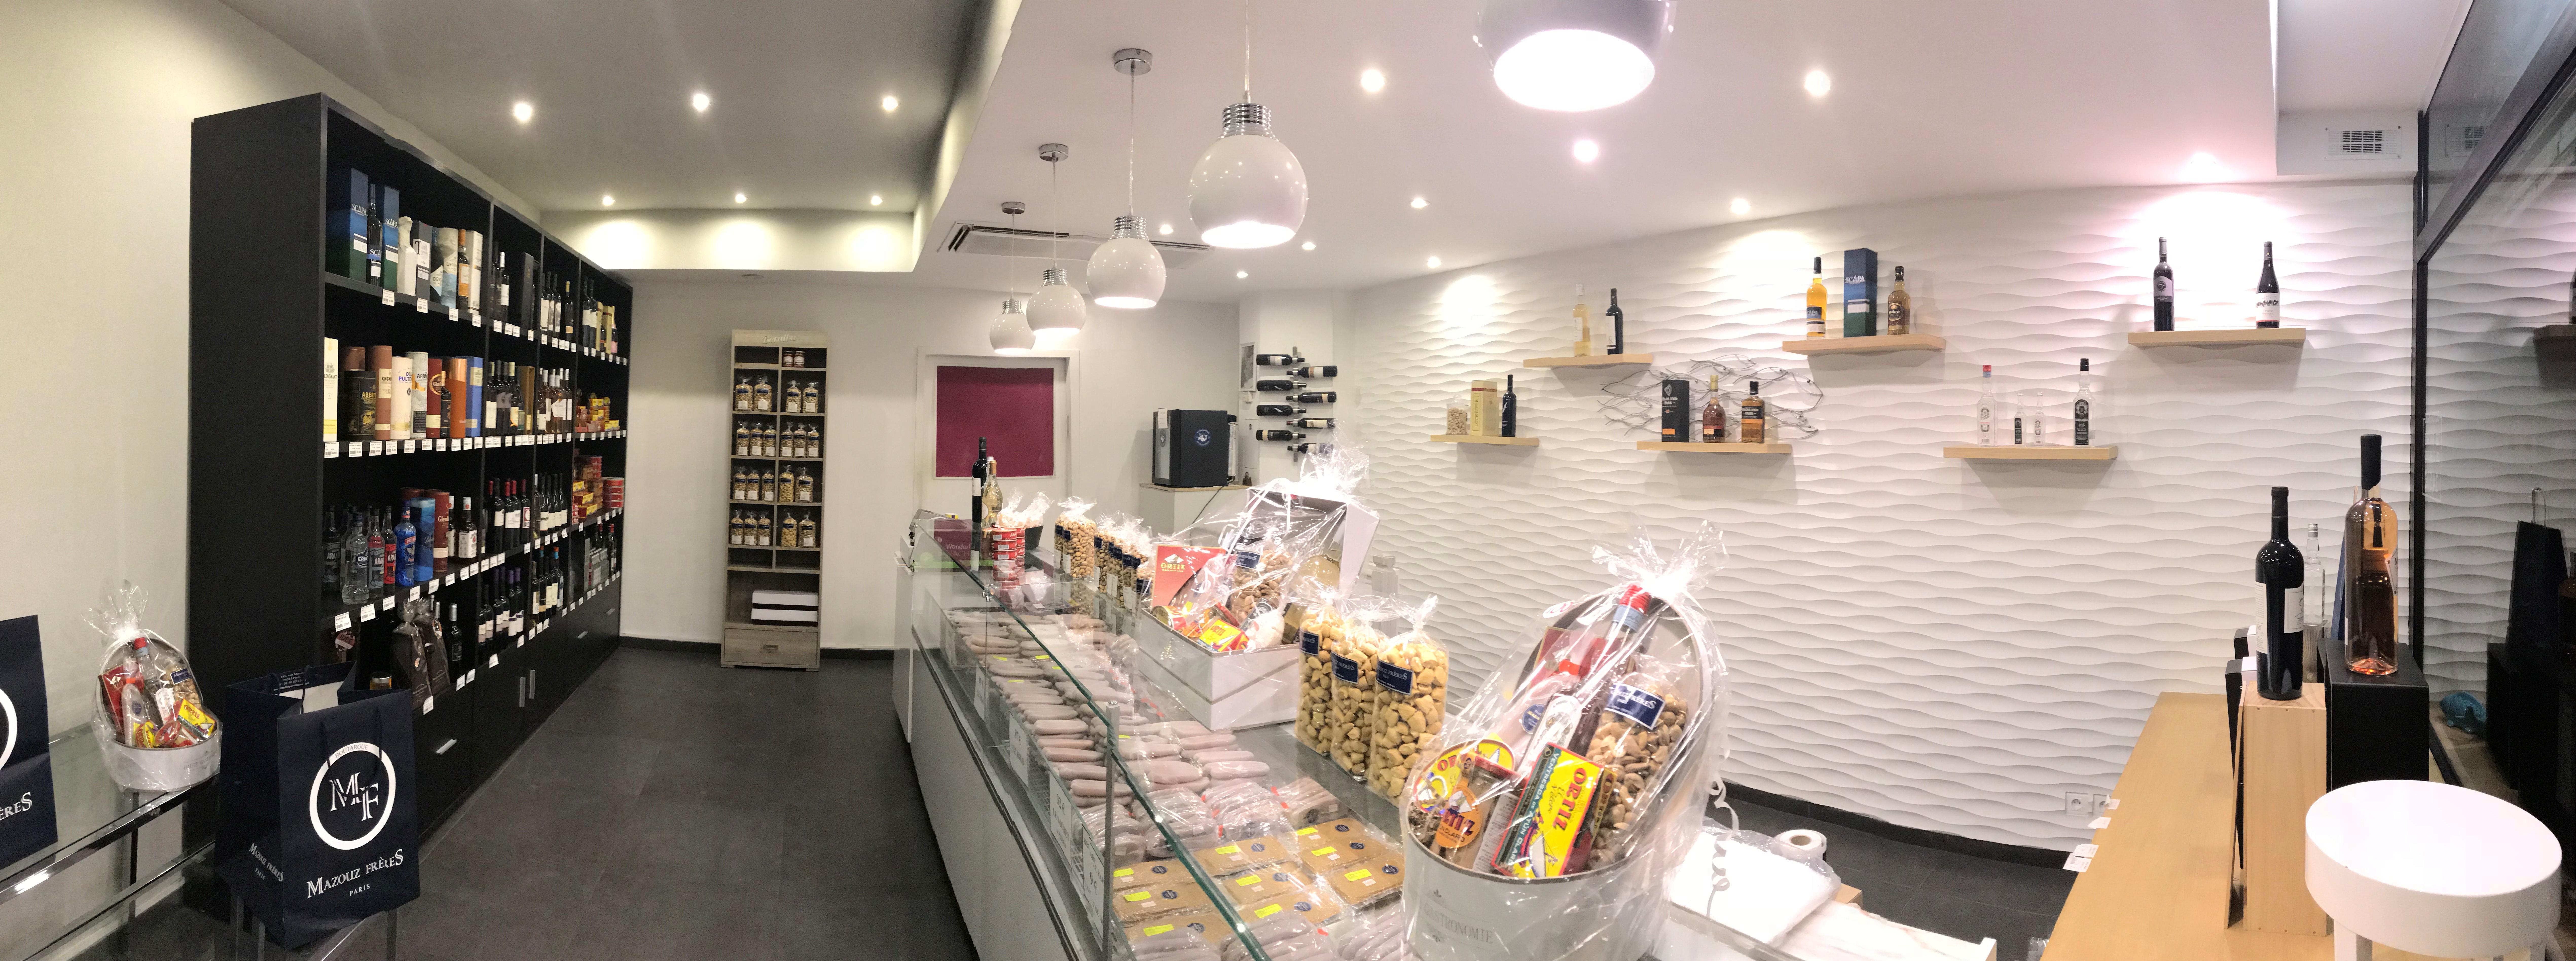 Boutique intérieur Mazouz avec banque de froid et étagère